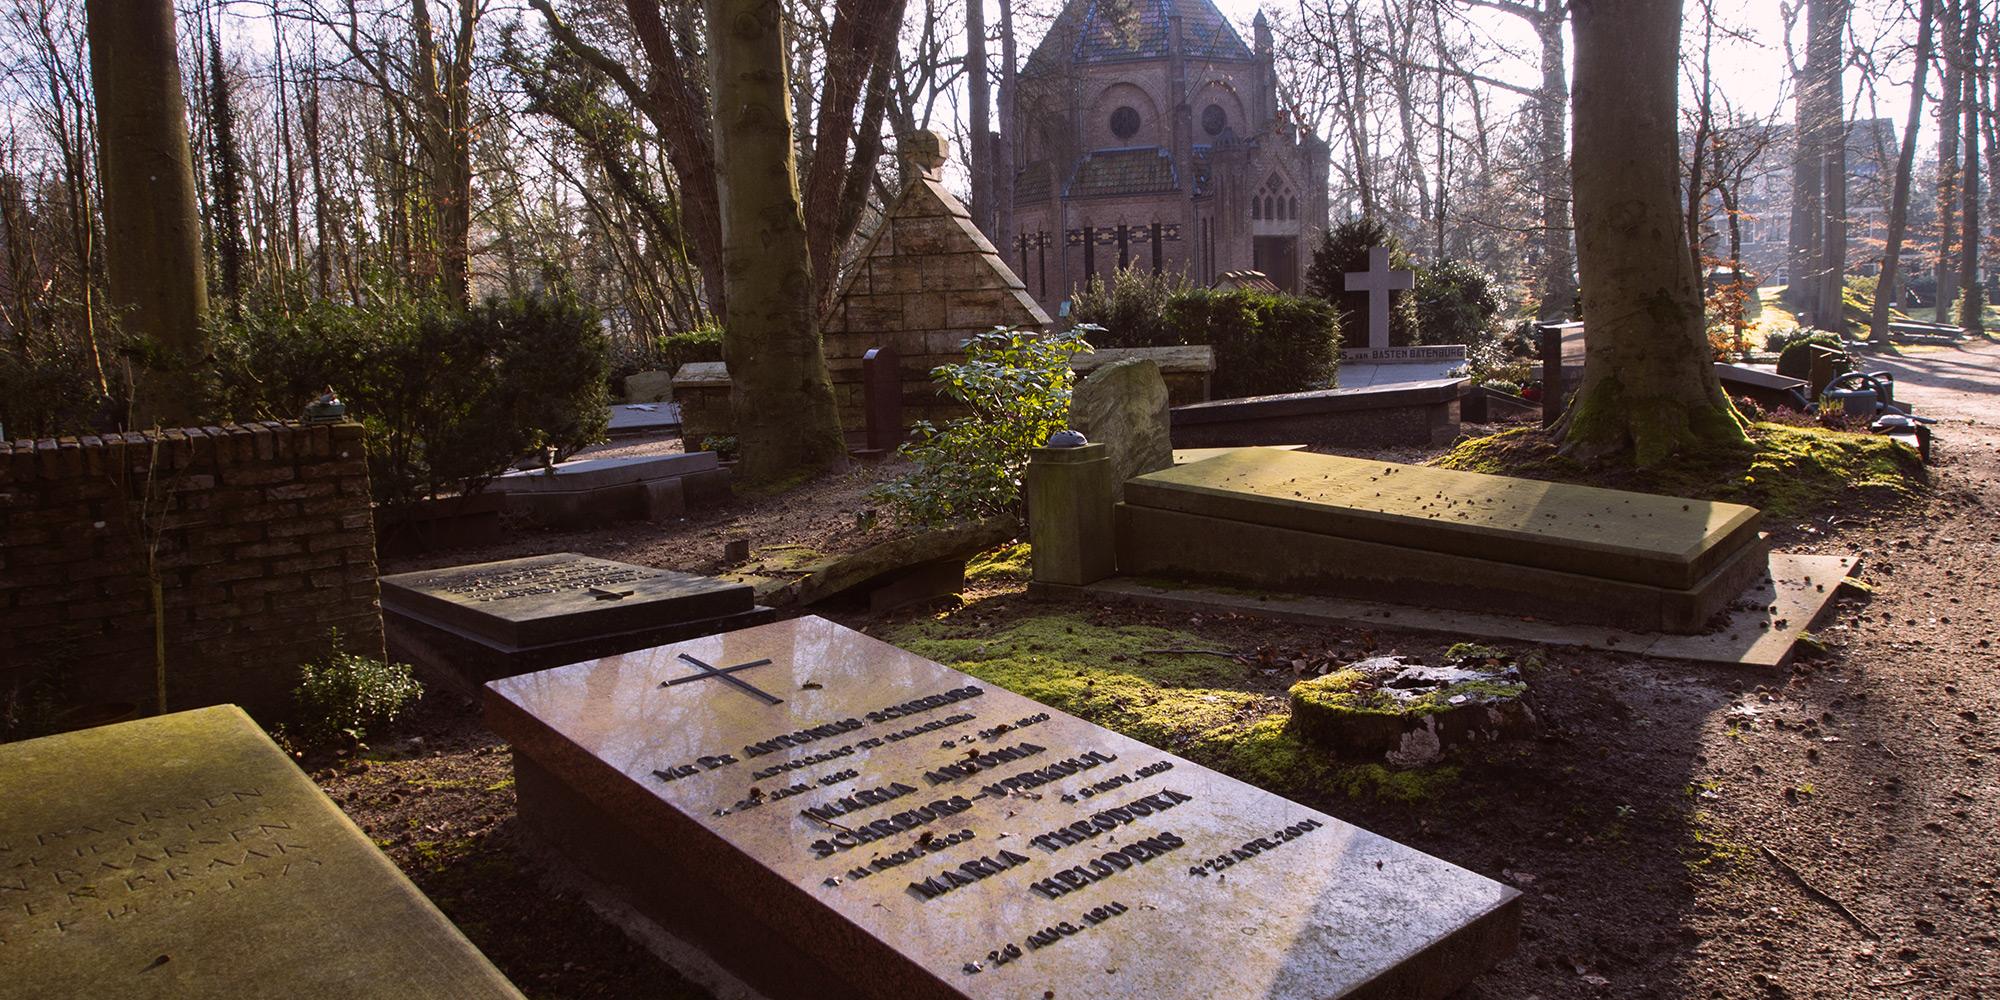 Cemetery Review #17 - Begraafplaats Adelbert - Bloemendaal - The Netherlands